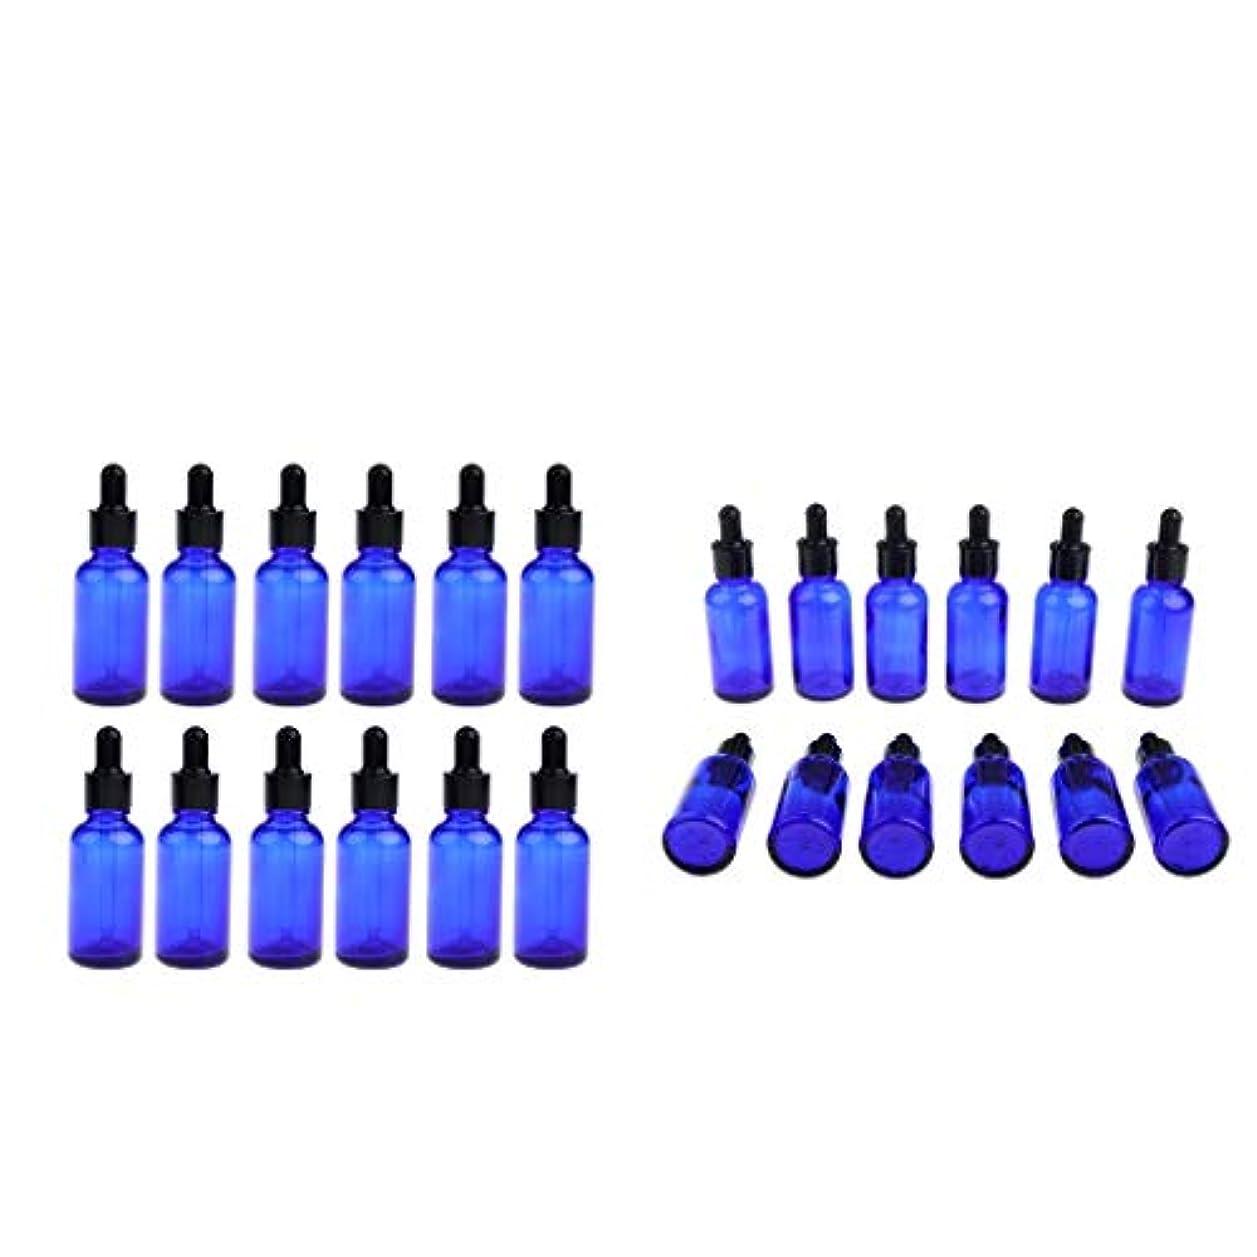 自慢囲いグラススポイトボトル ガラス 滴瓶 ドロッパーボトル 30ml アロマボトル スポイト精油分け瓶